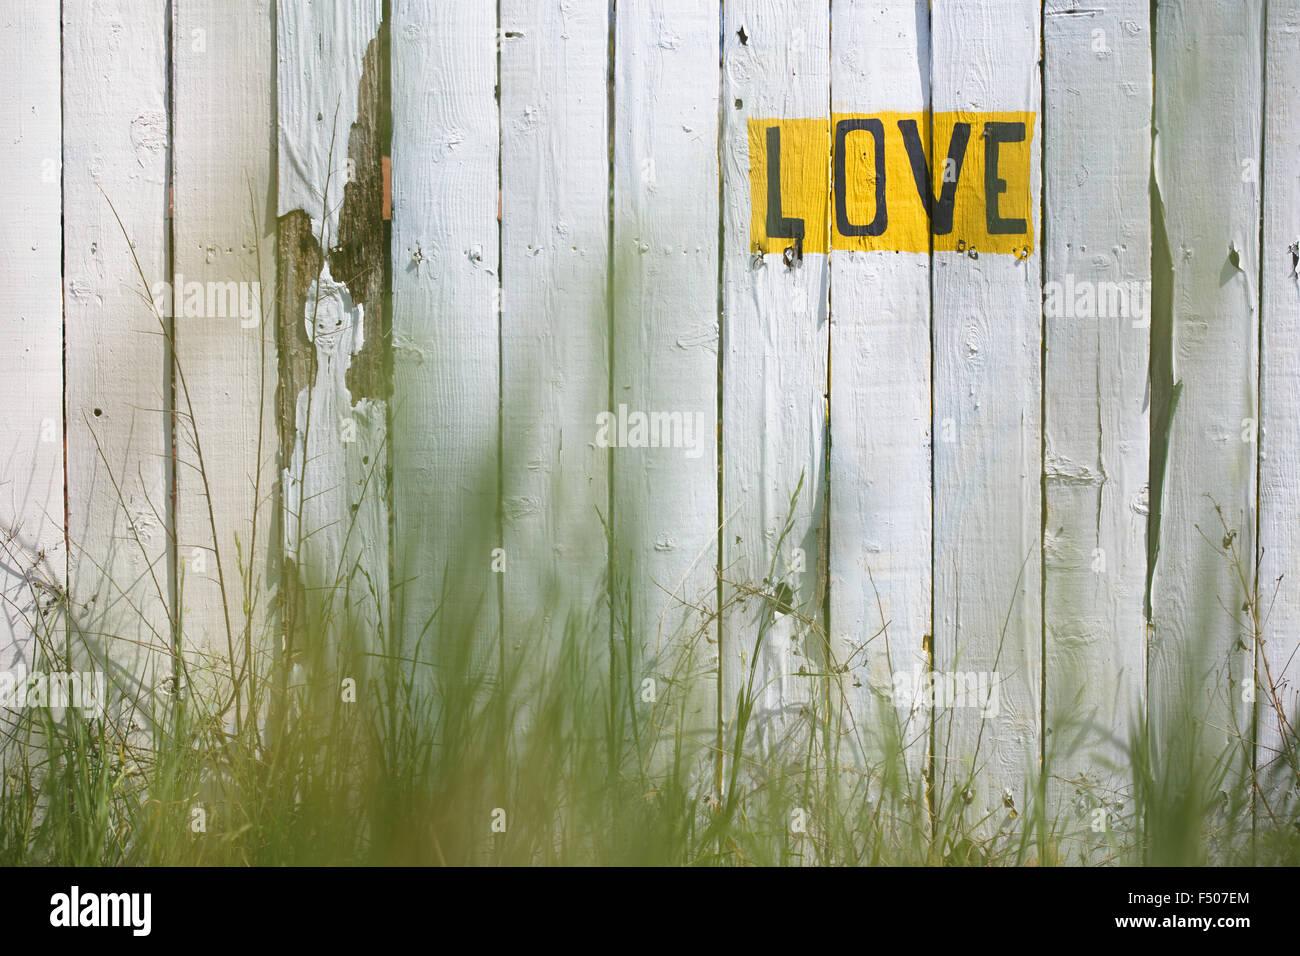 La parola 'amore' scritto su una recinzione imbiancate Immagini Stock